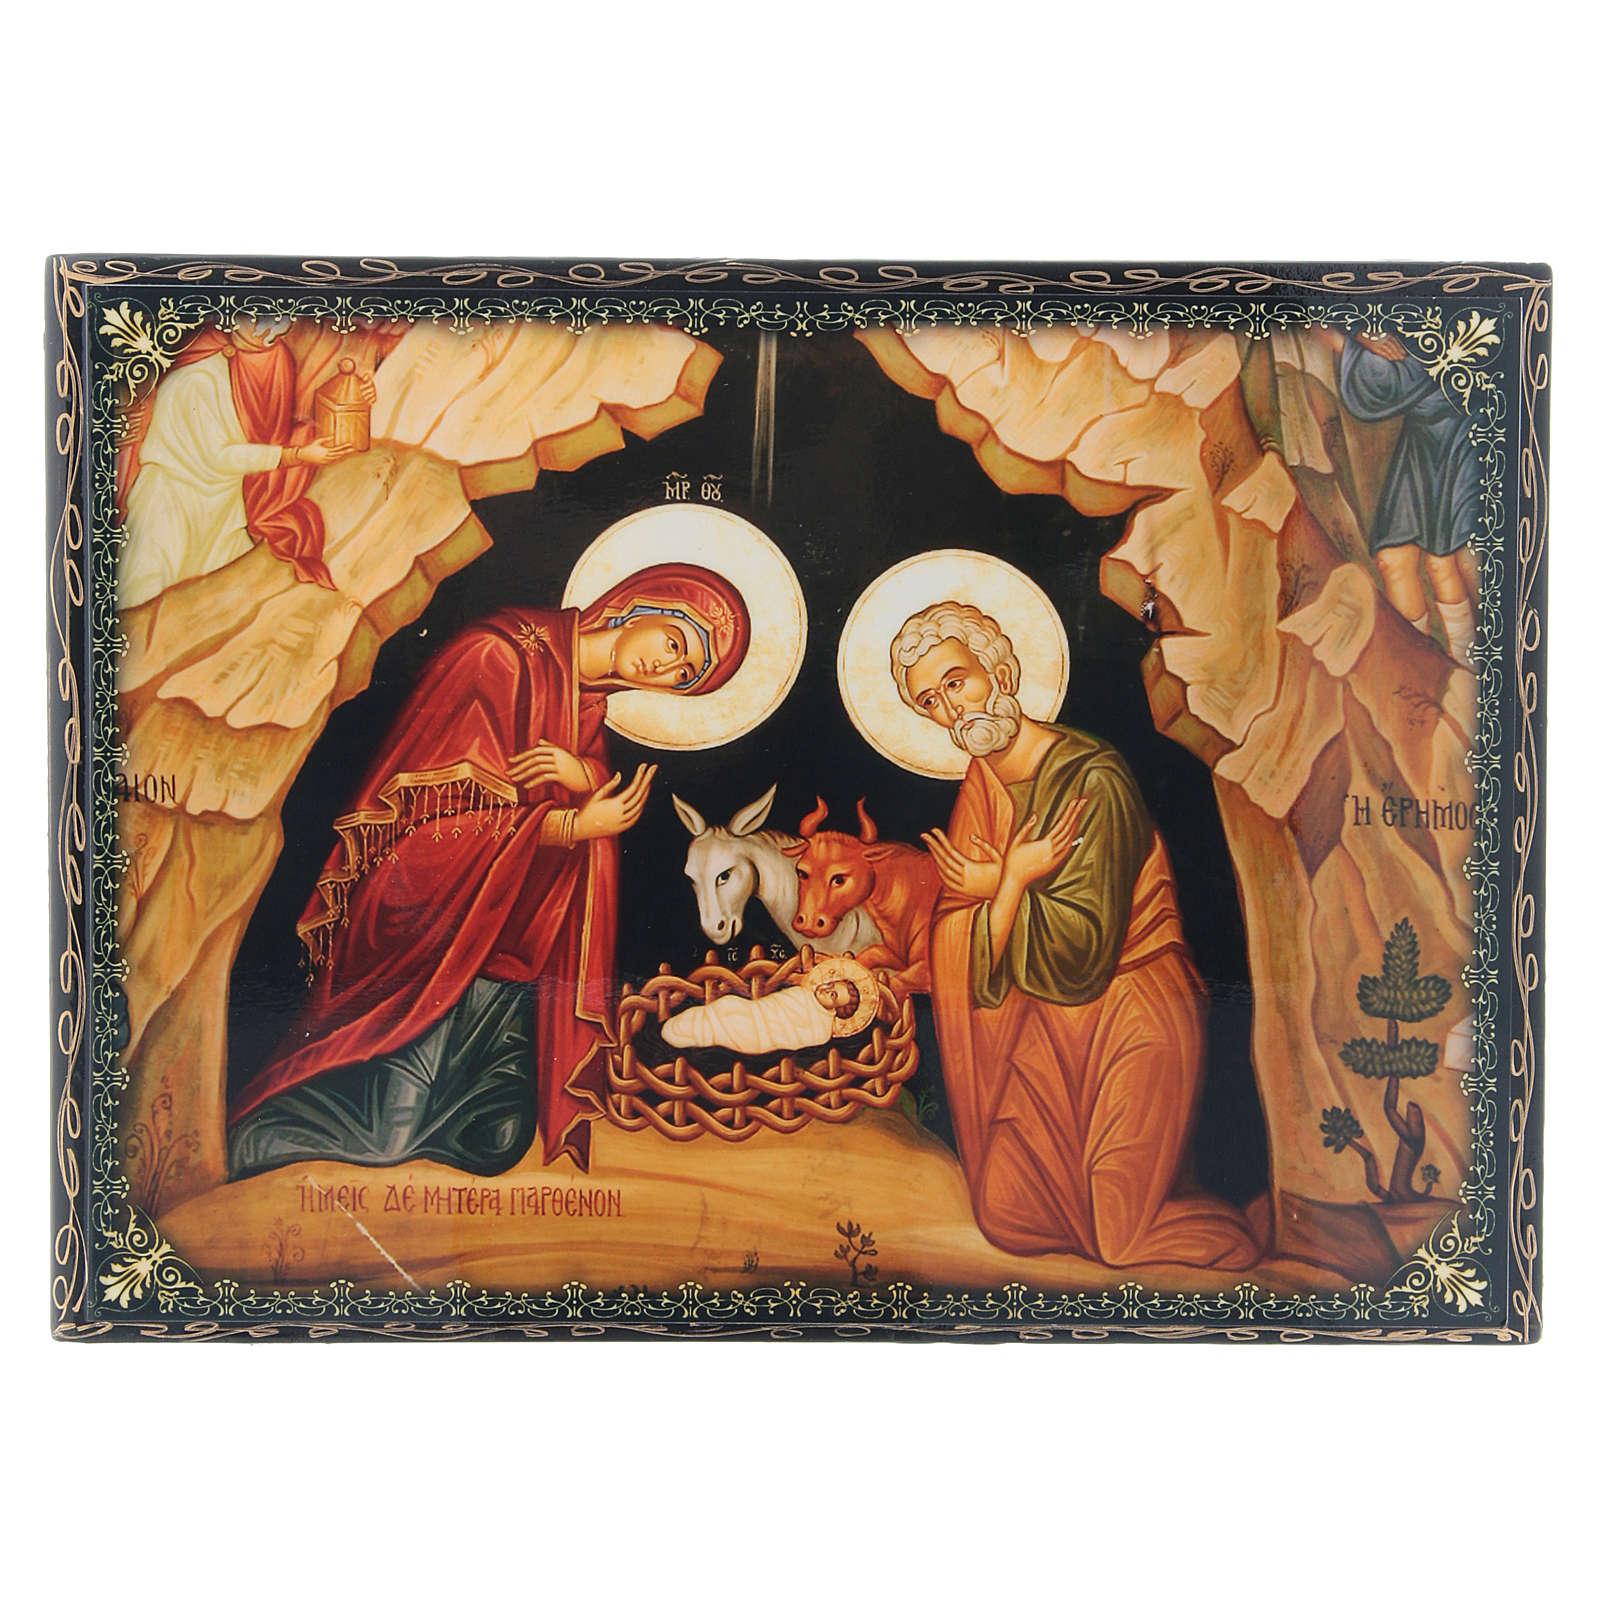 Scatoletta russa papier machè decorata La Nascita di Gesù Bambino 22X16 cm 4